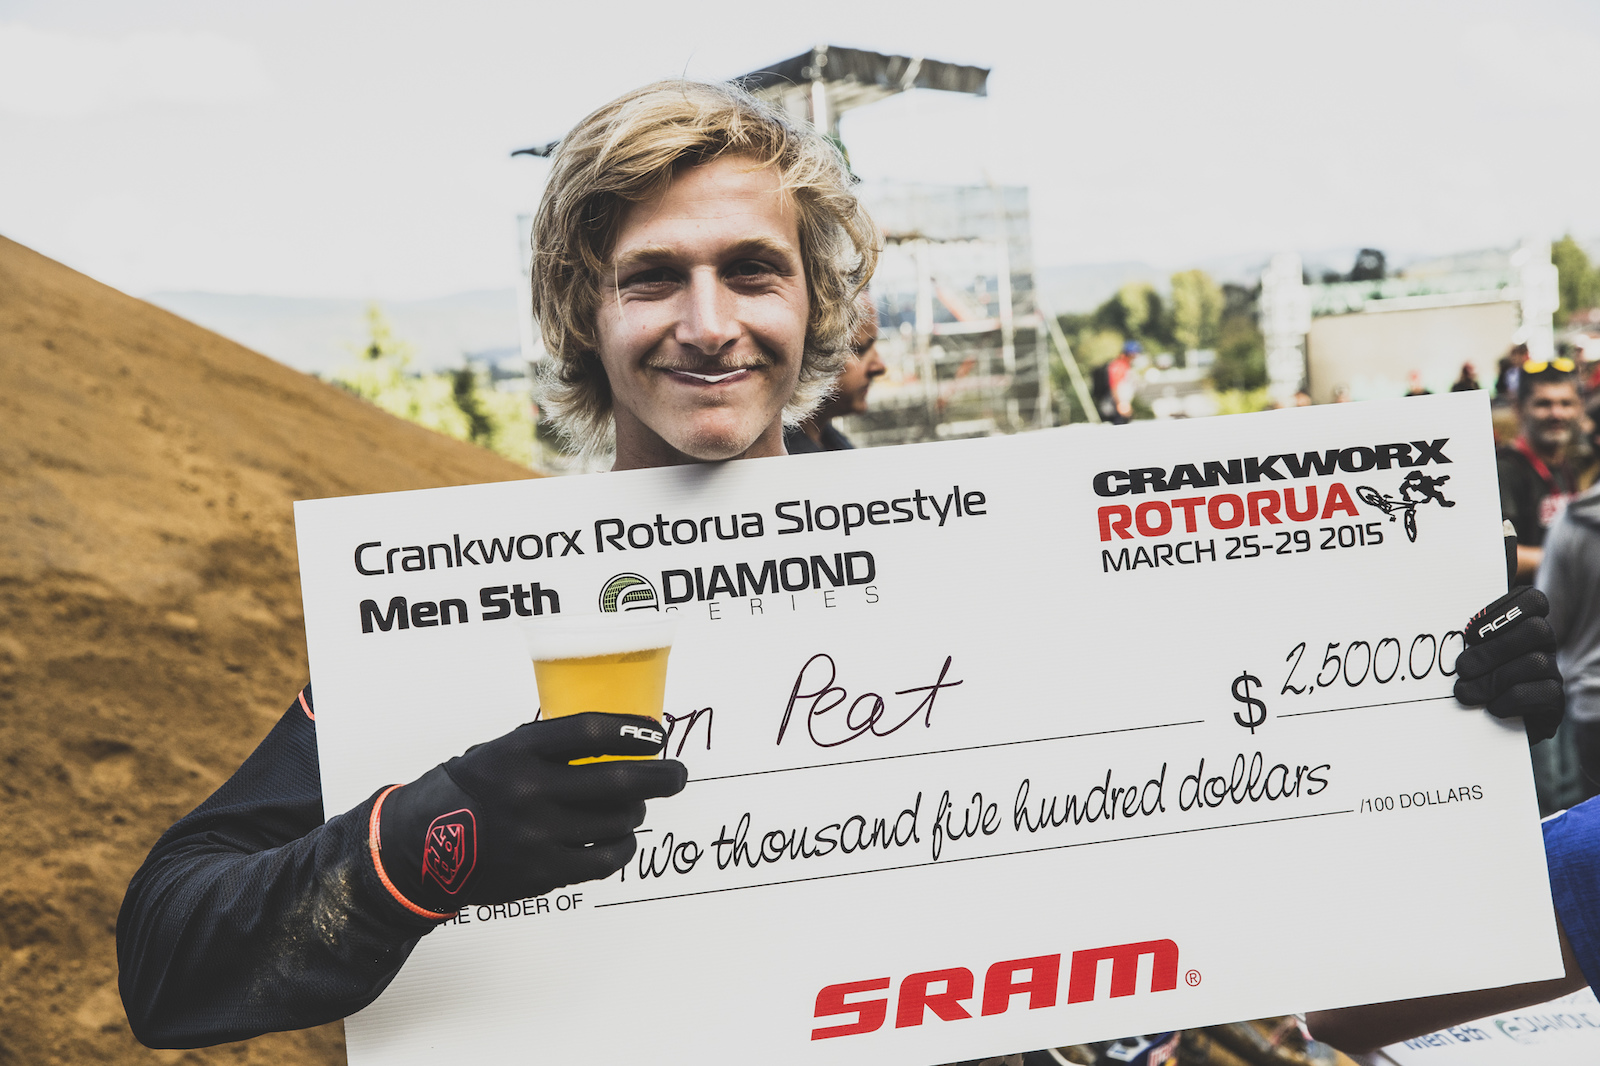 Crankworx Rotorua Slopestyle